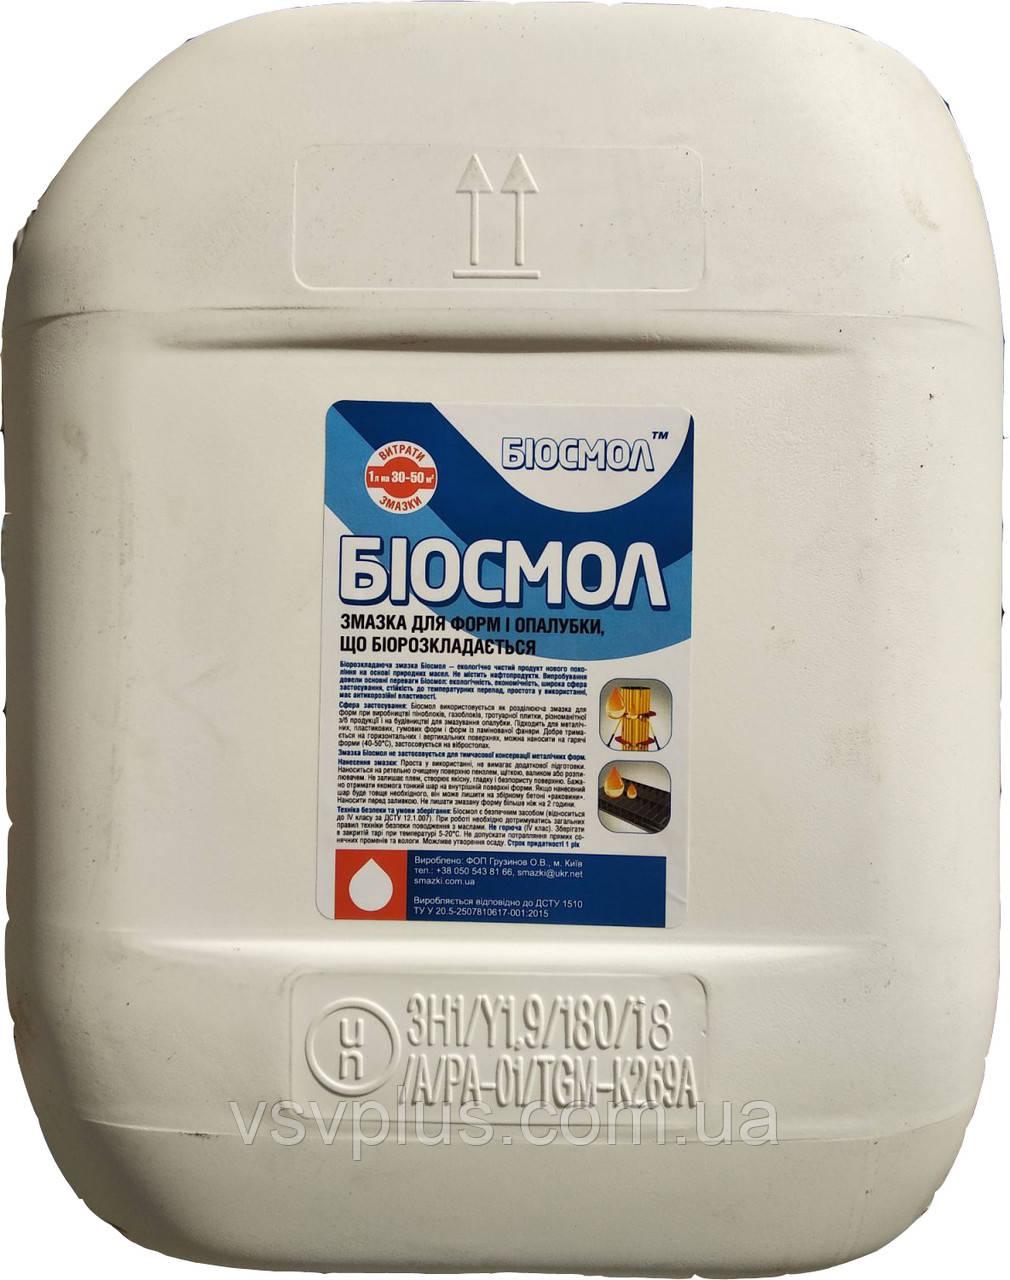 Смазка для форм и опалубки Биосмол жидкий Украина 60 л